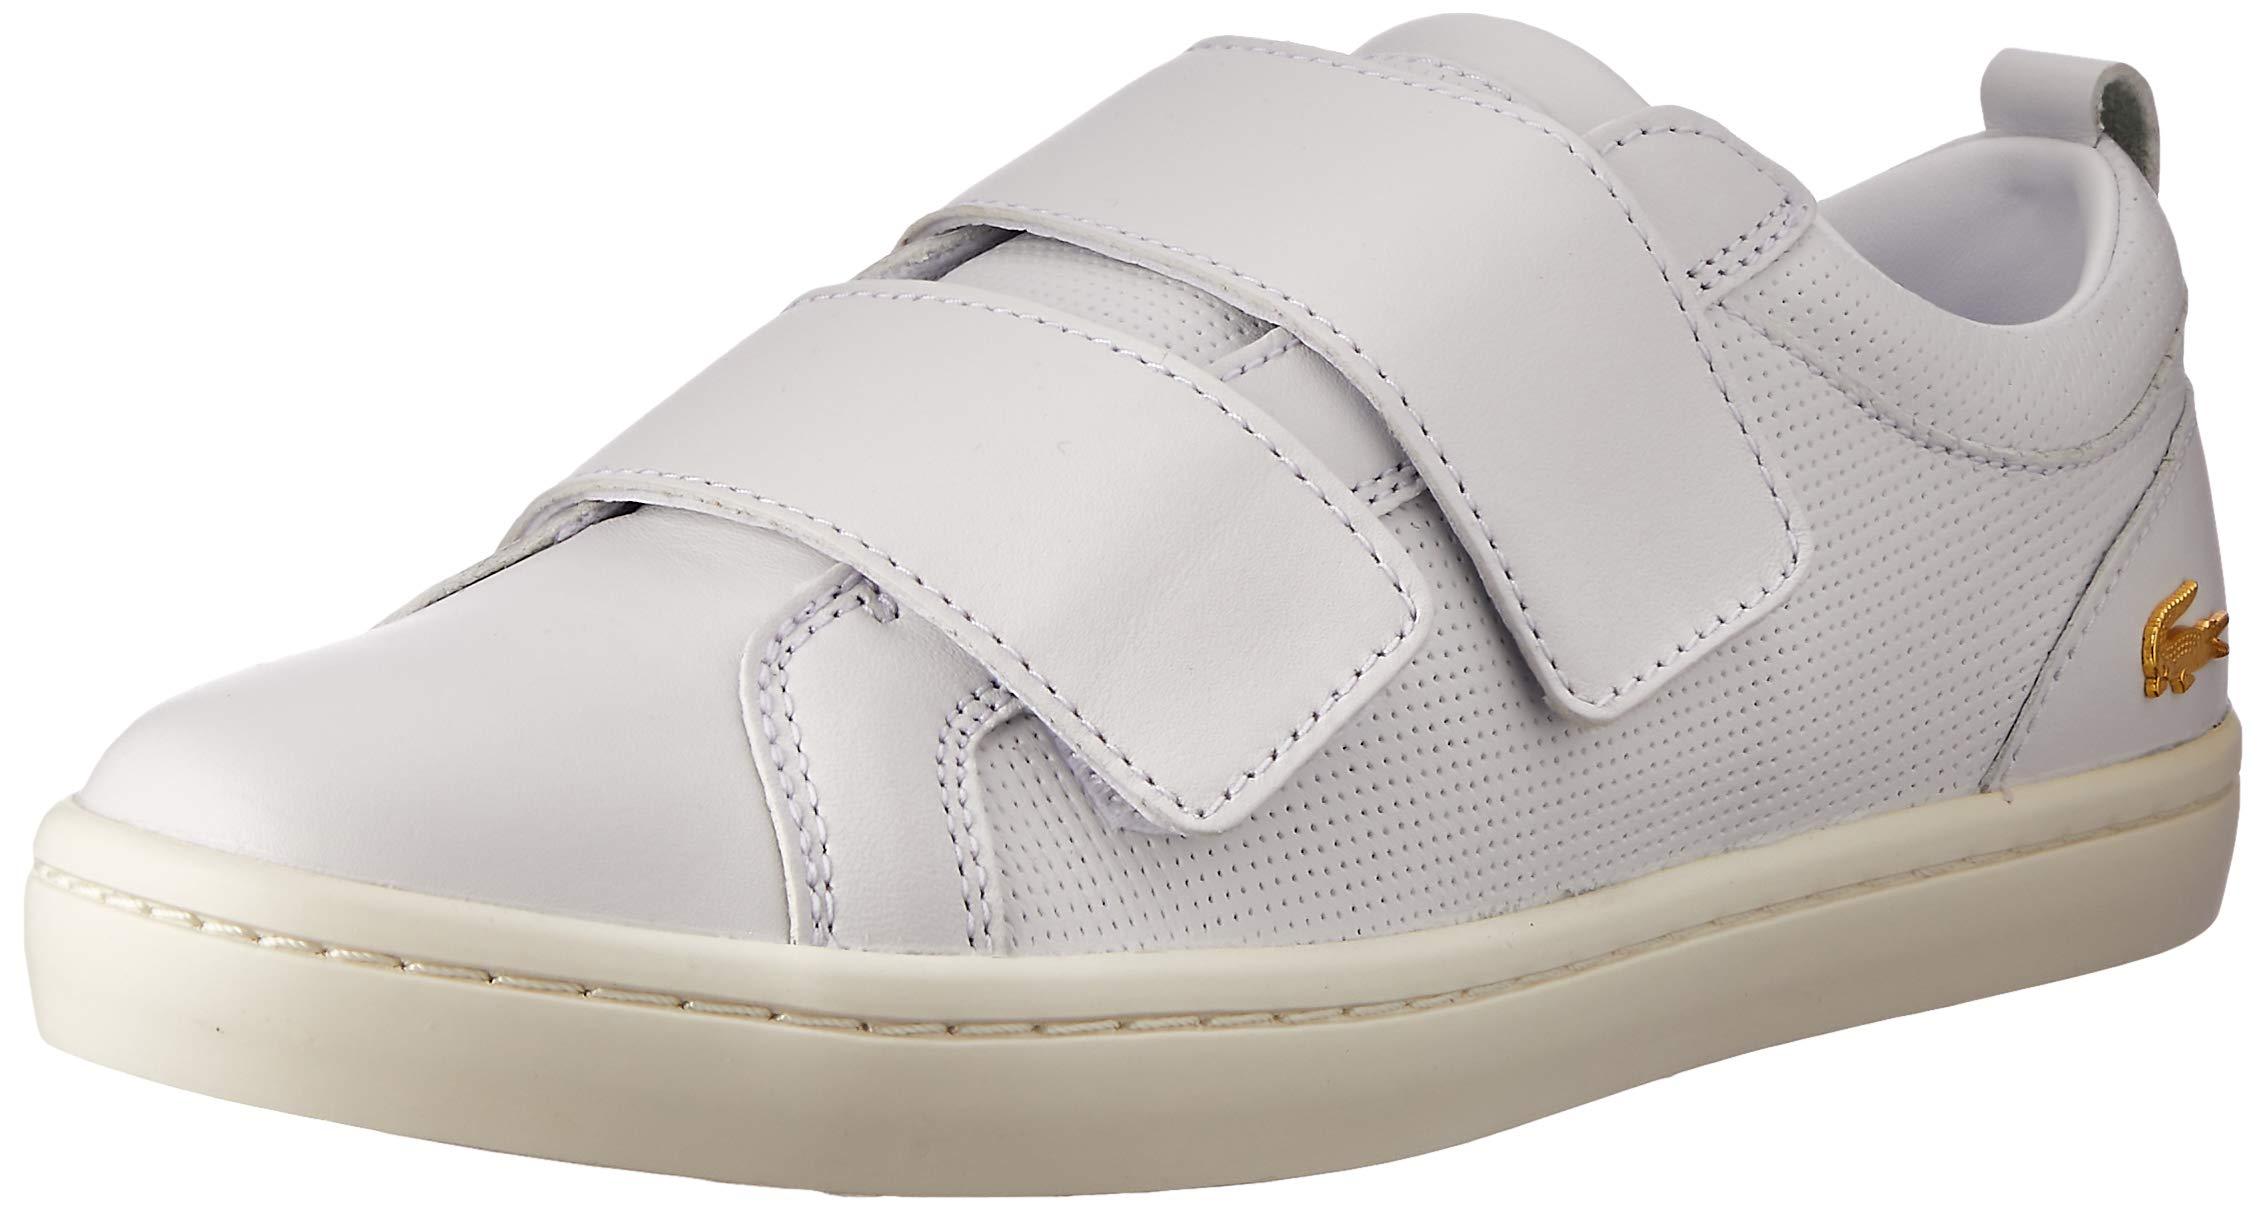 Lacoste Women's Straightset Strap sneakers